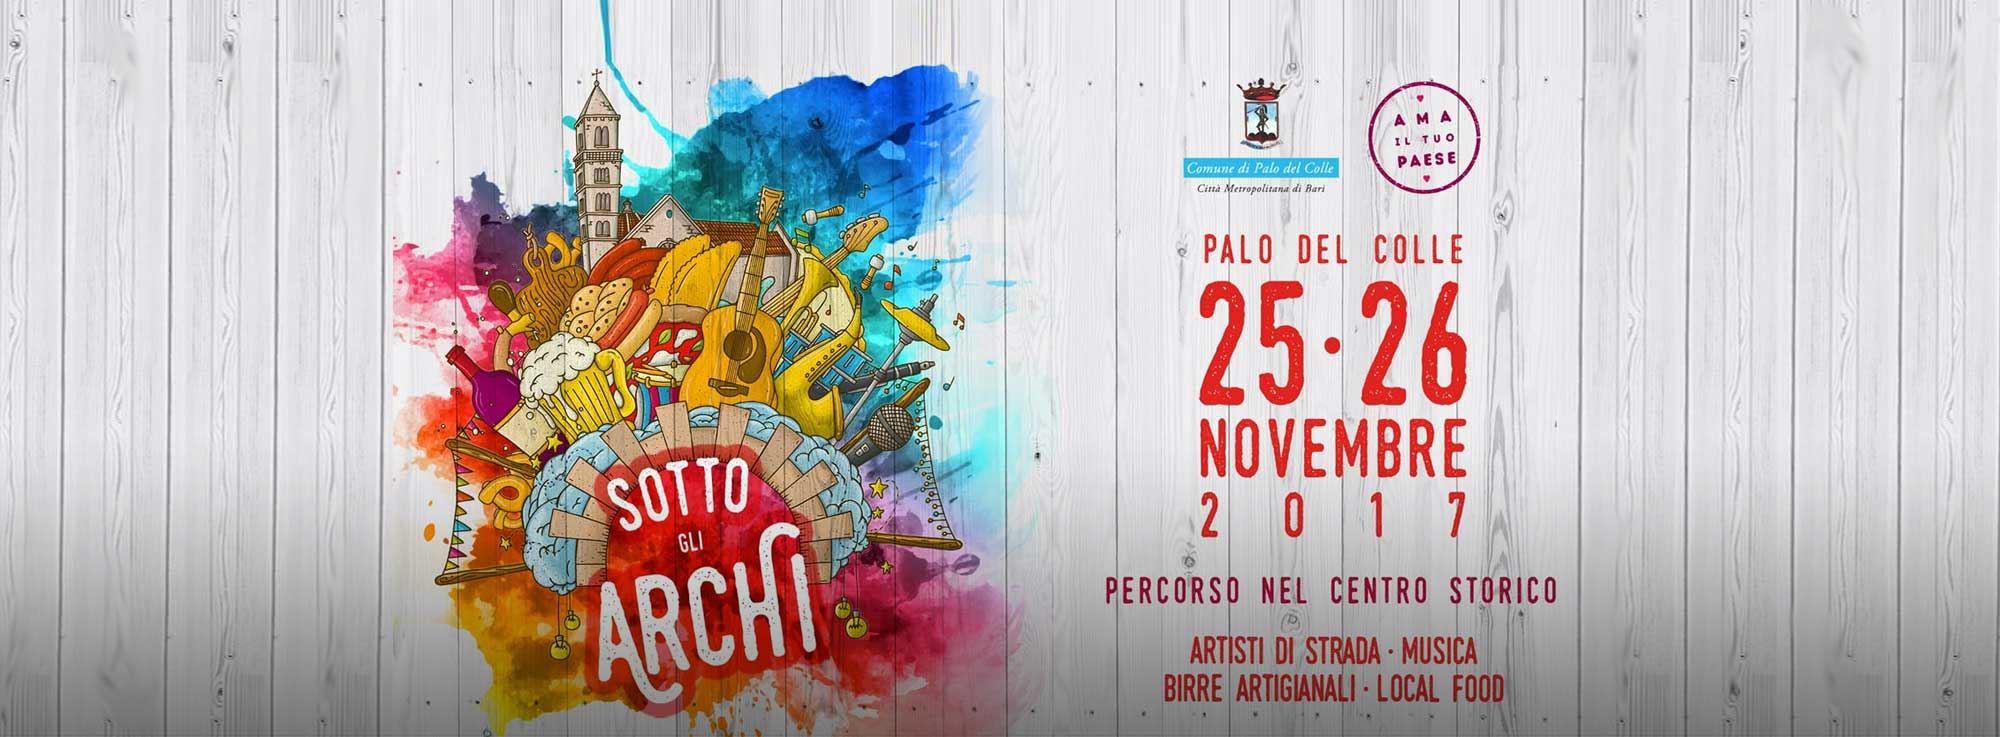 Palo del Colle: Sotto gli archi 2017